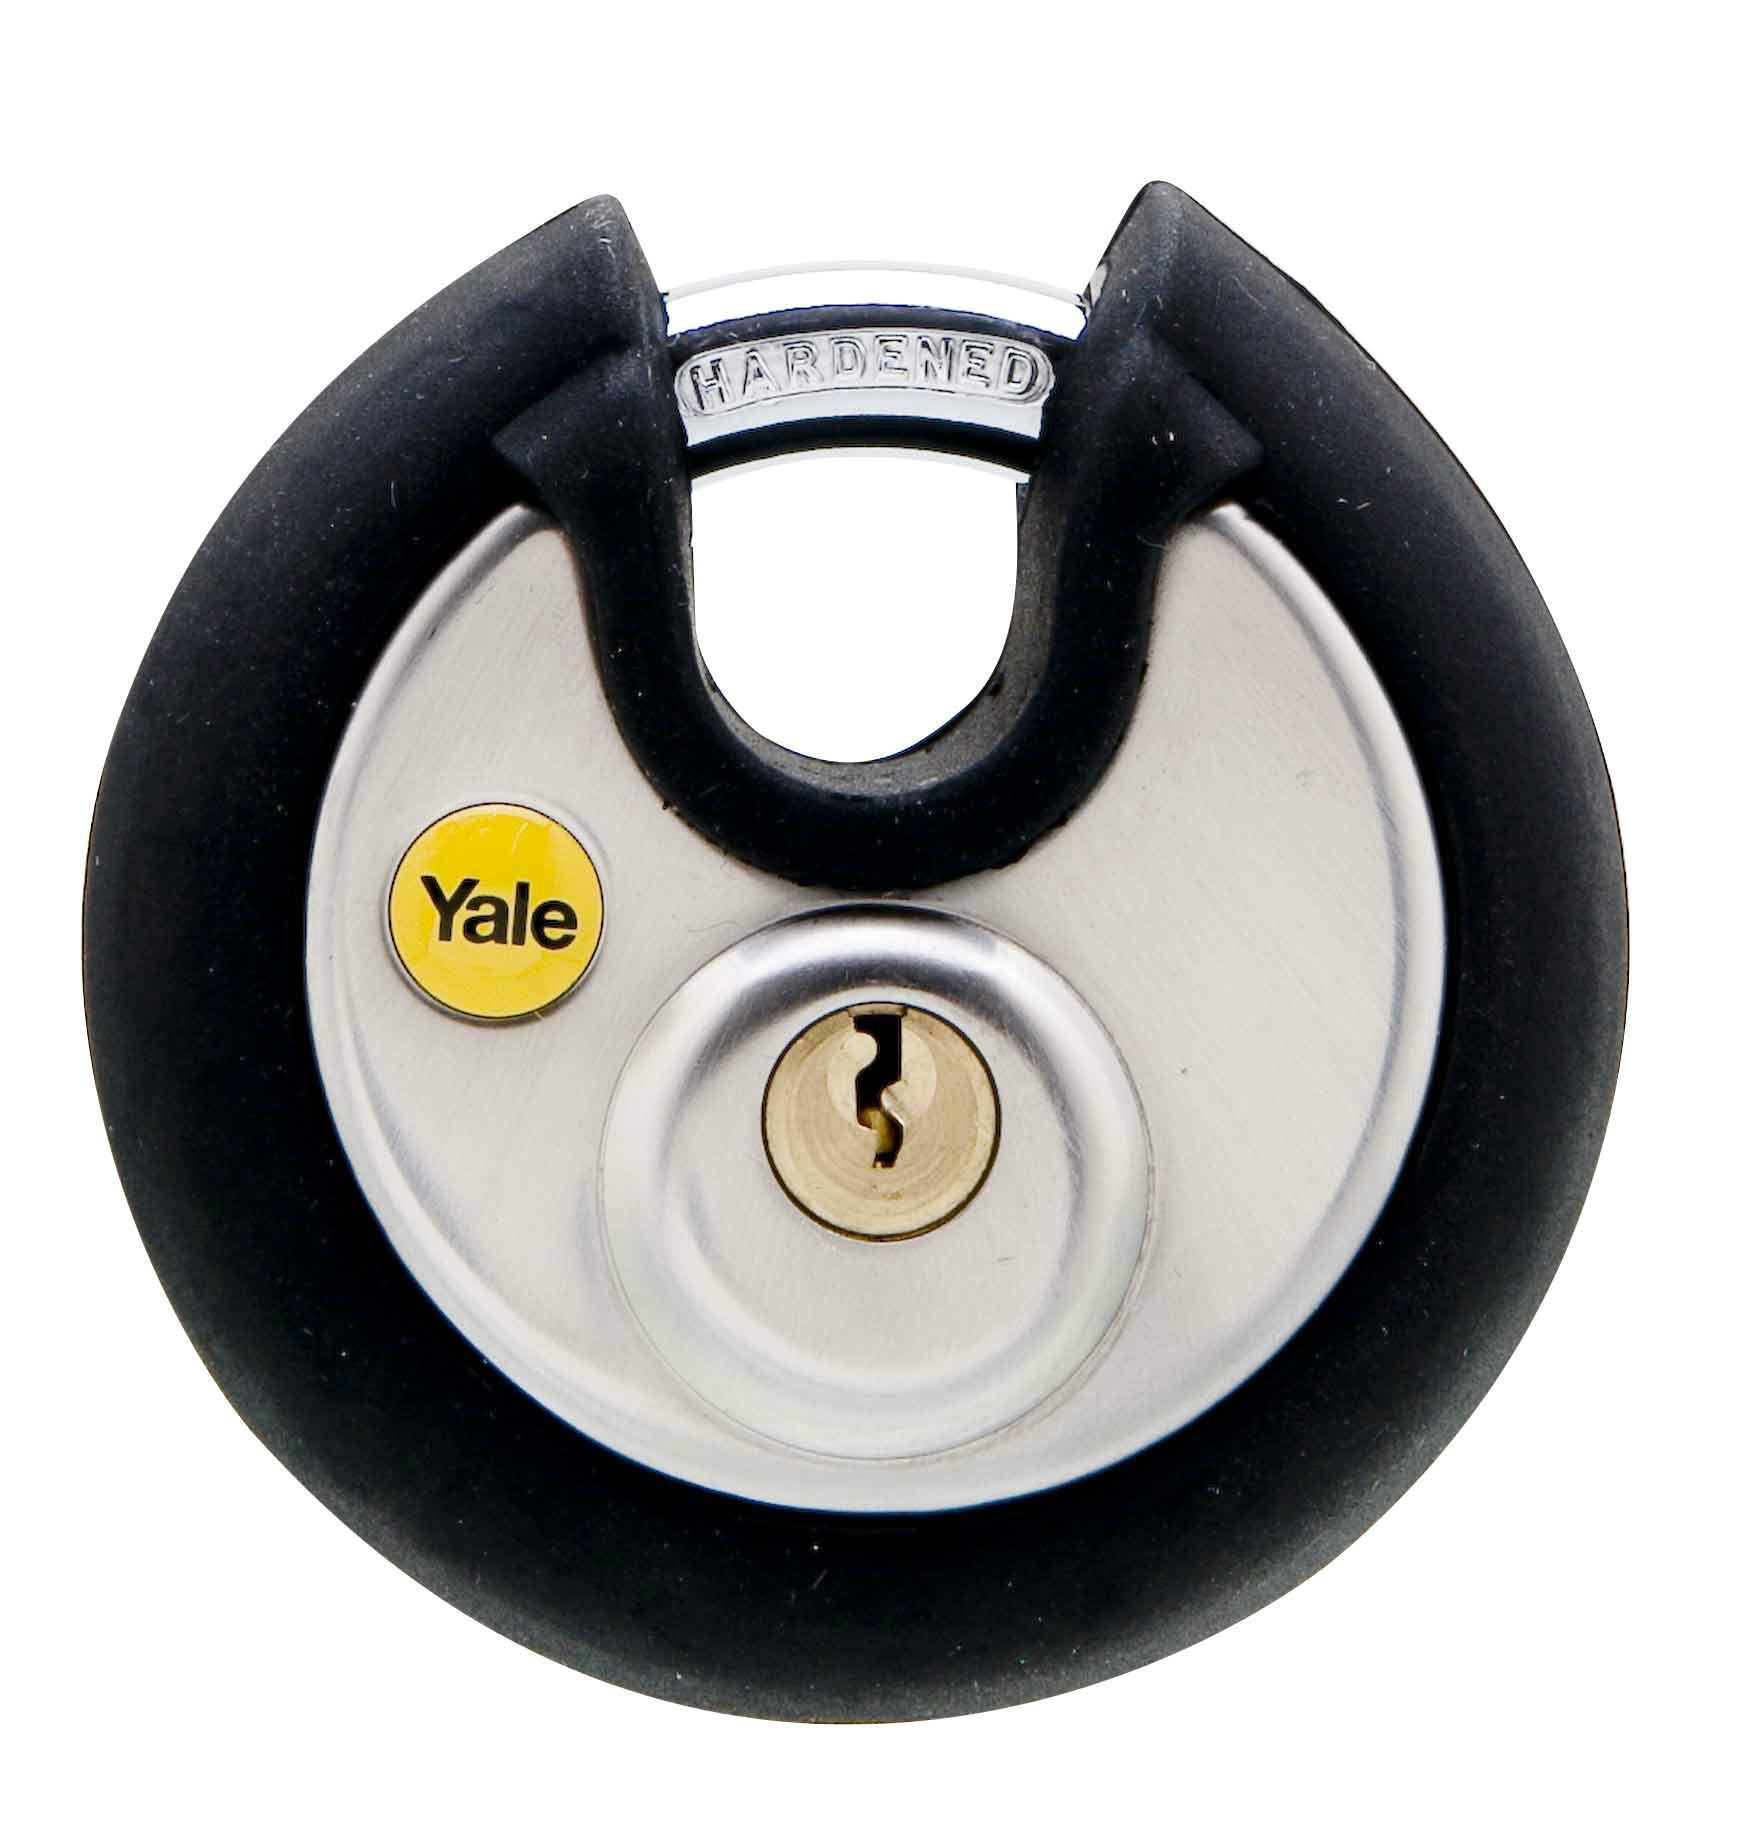 Hänglås i rostfritt stål disk - Y130